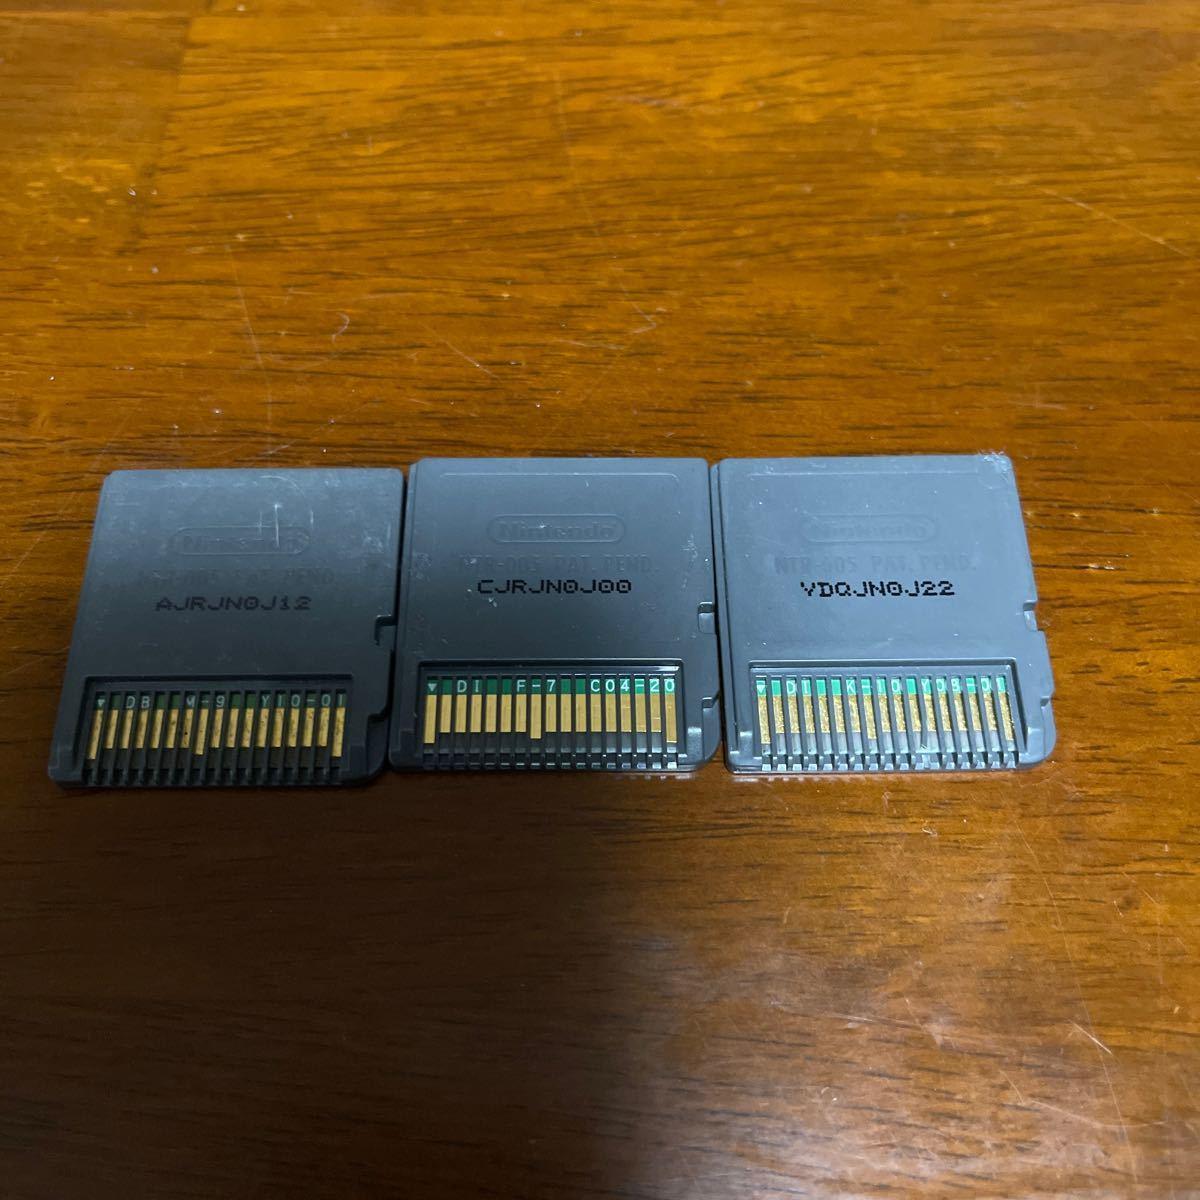 DSドラゴンクエストソフト3枚セットソフトのみ